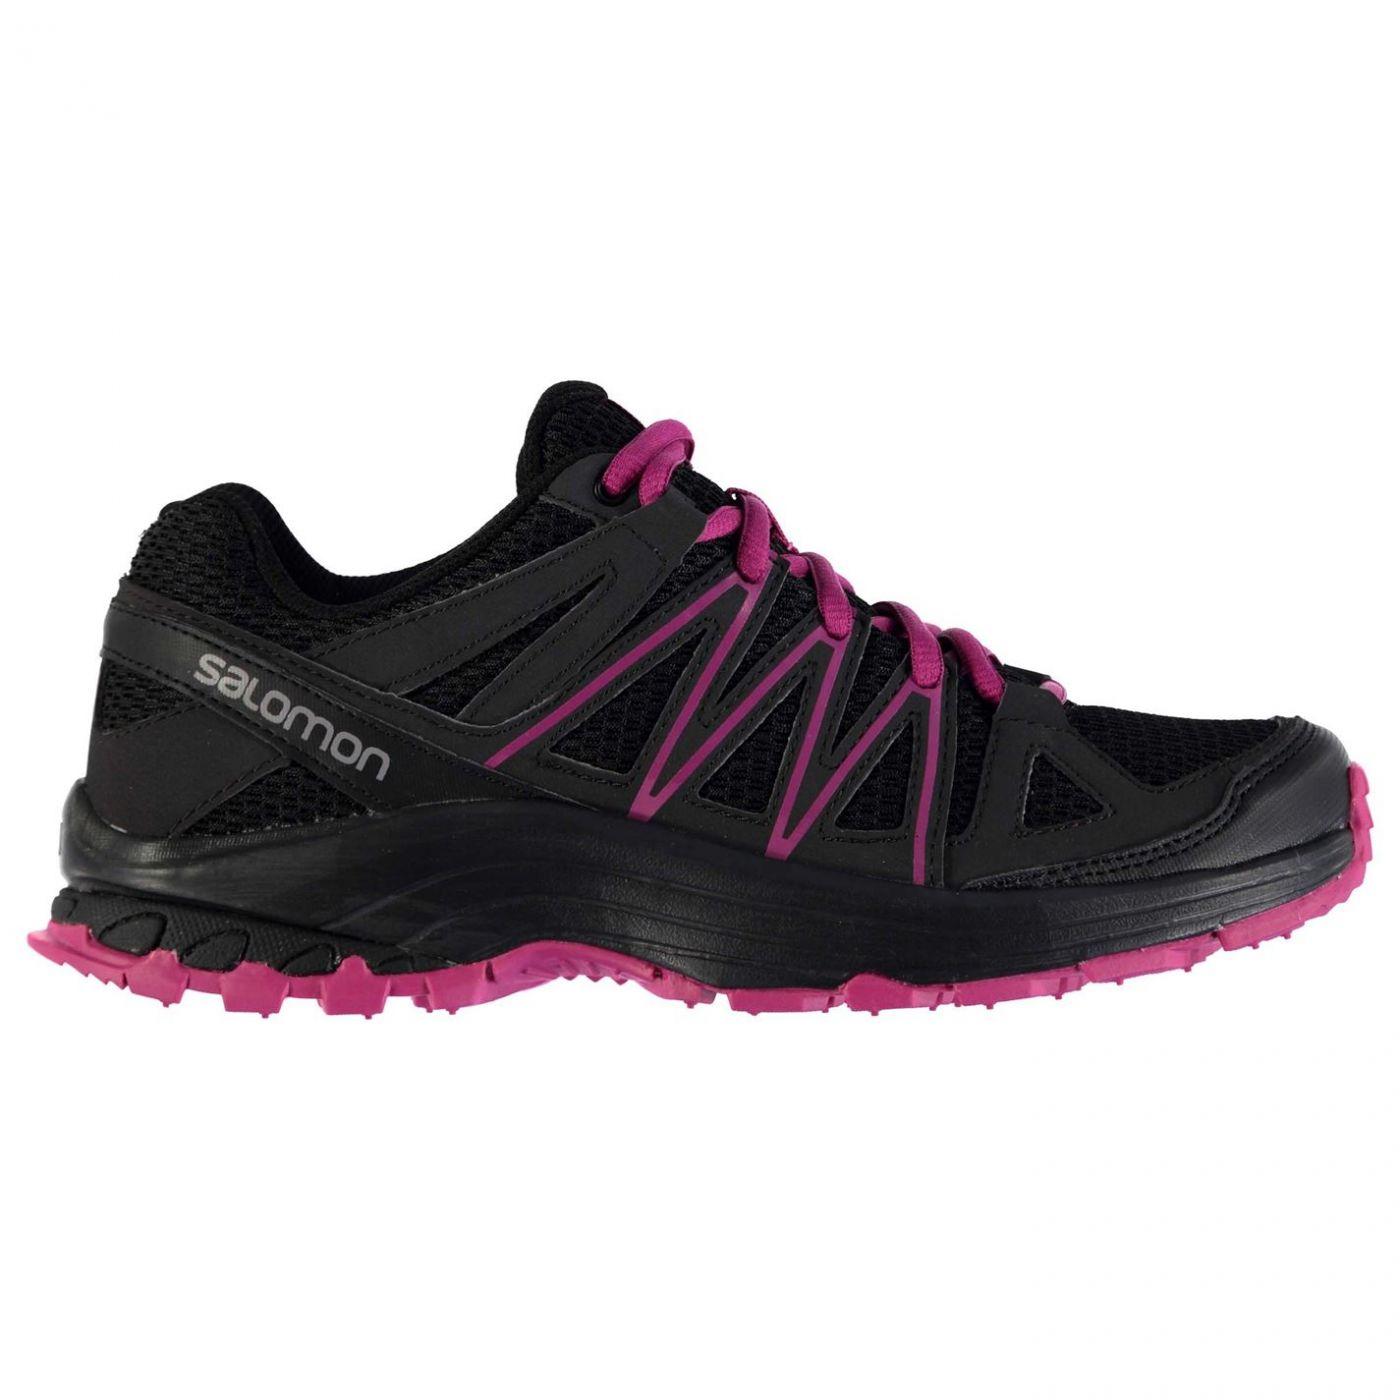 Salomon Bondcliff Ladies Trail Running